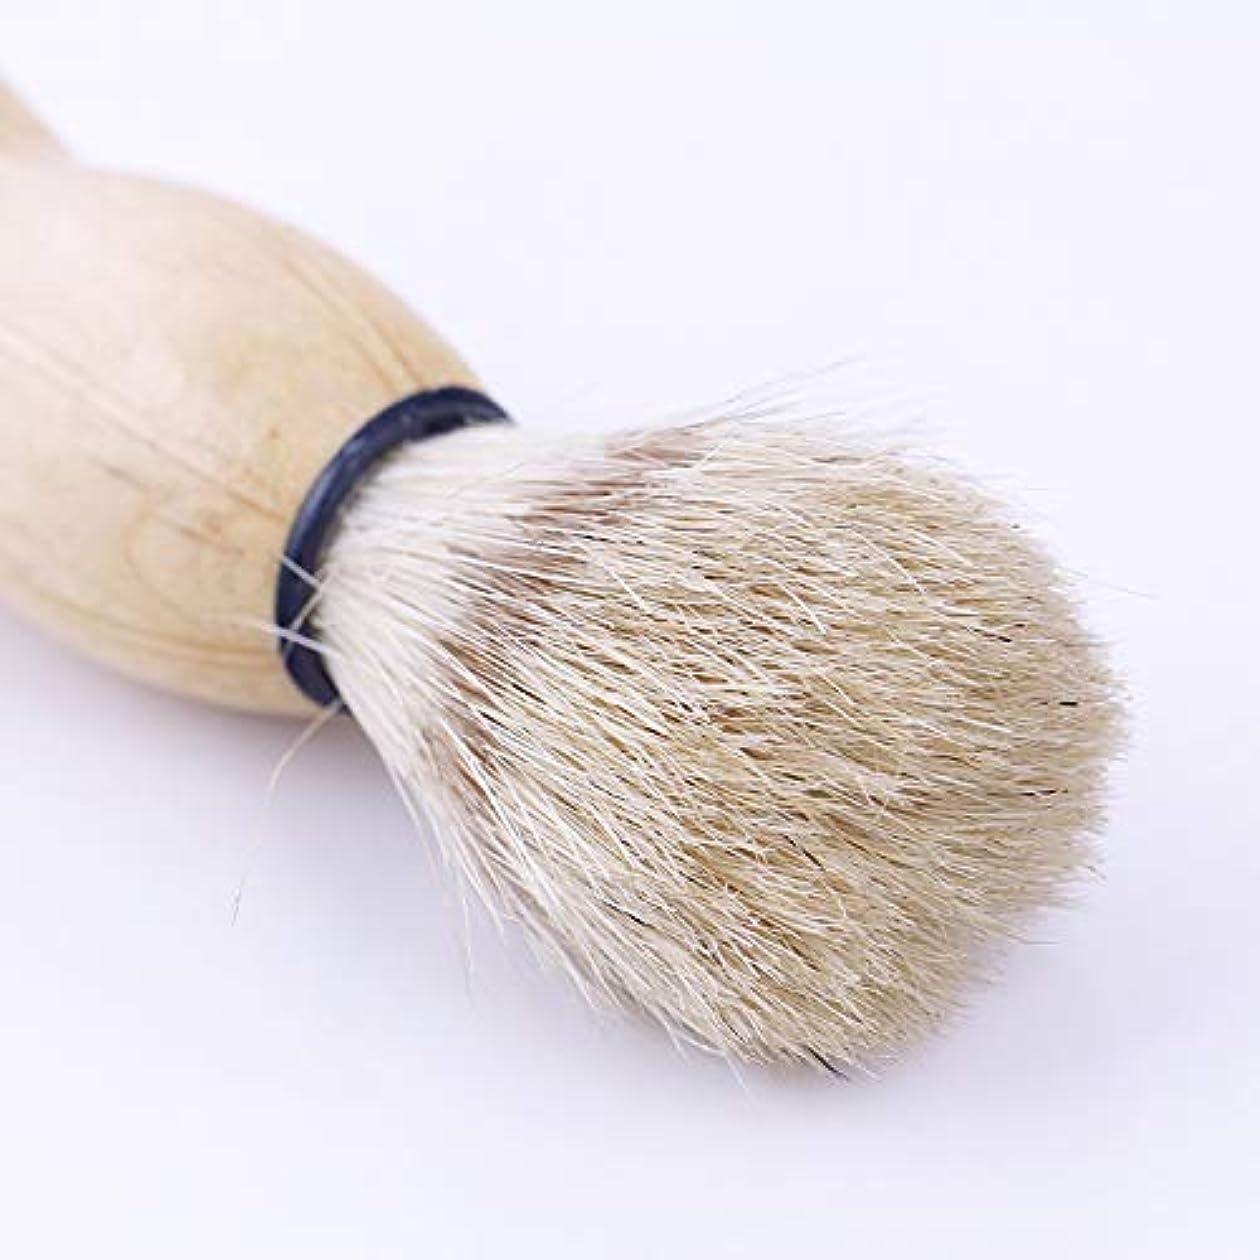 マインドフルビザグローSMTHOME シェービング用ブラシ メンズ 100% ウール毛 理容 洗顔 髭剃り 泡立ち